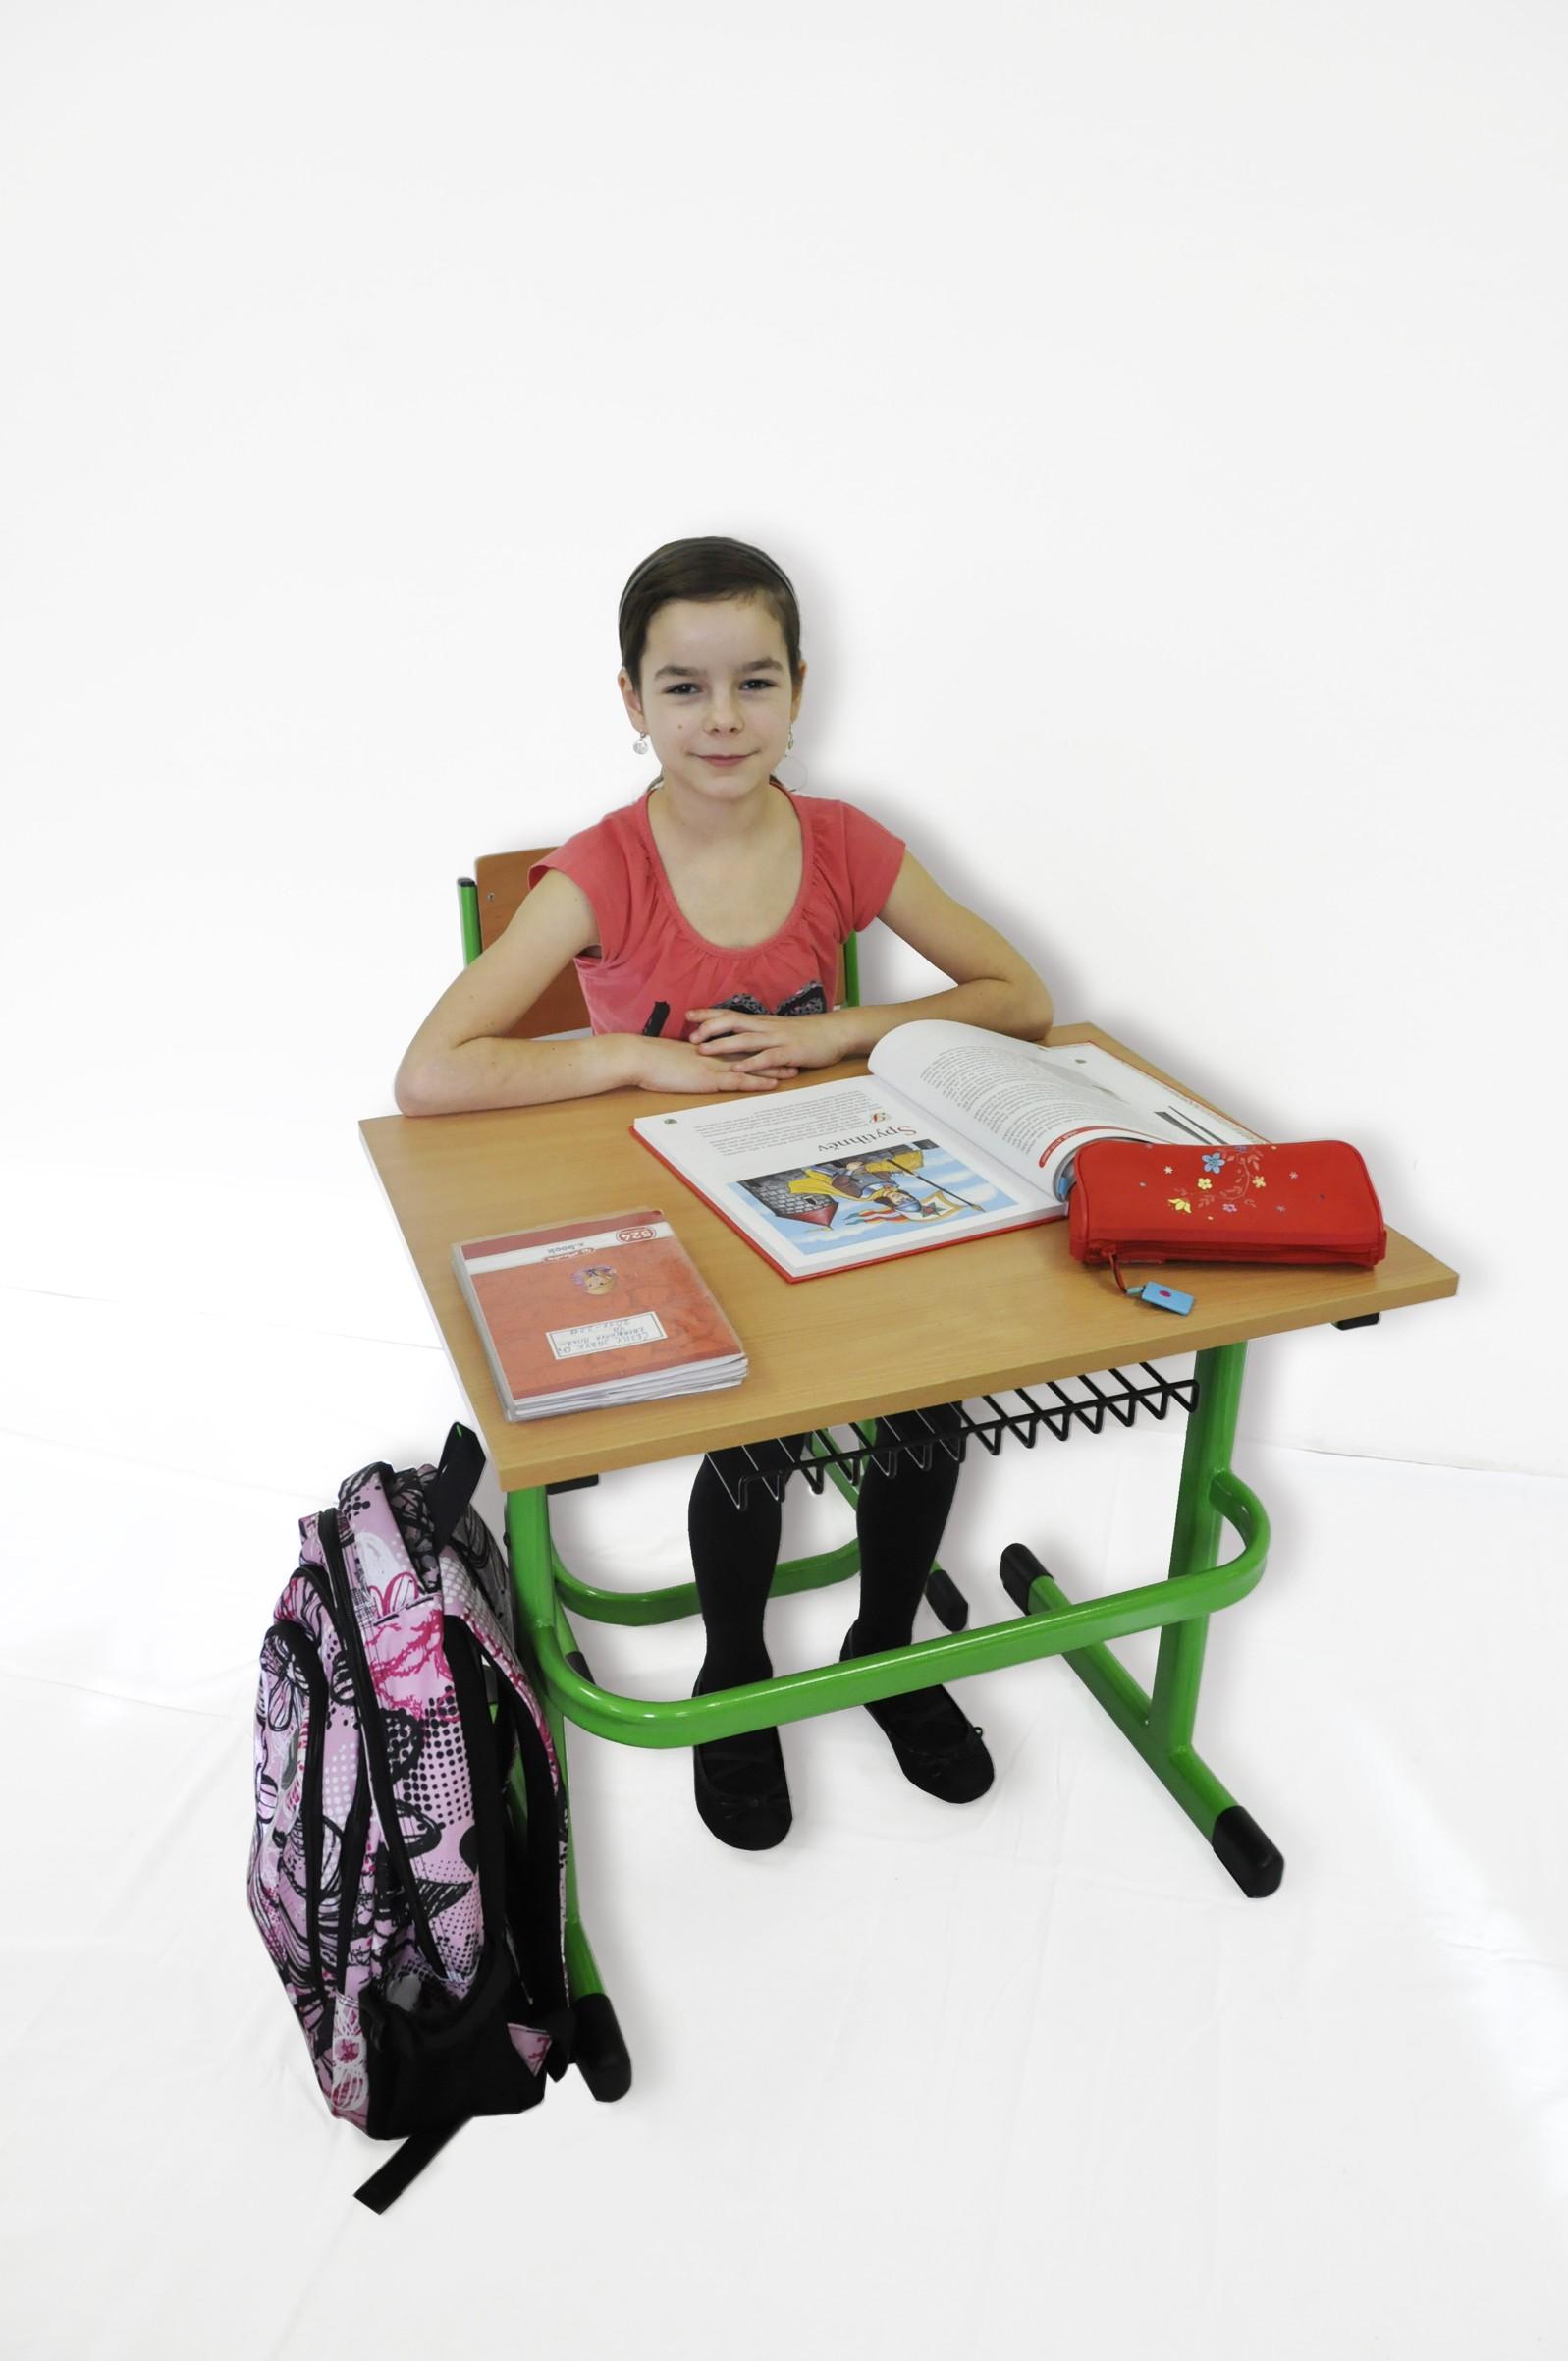 Stavitelná školní lavice - Terom